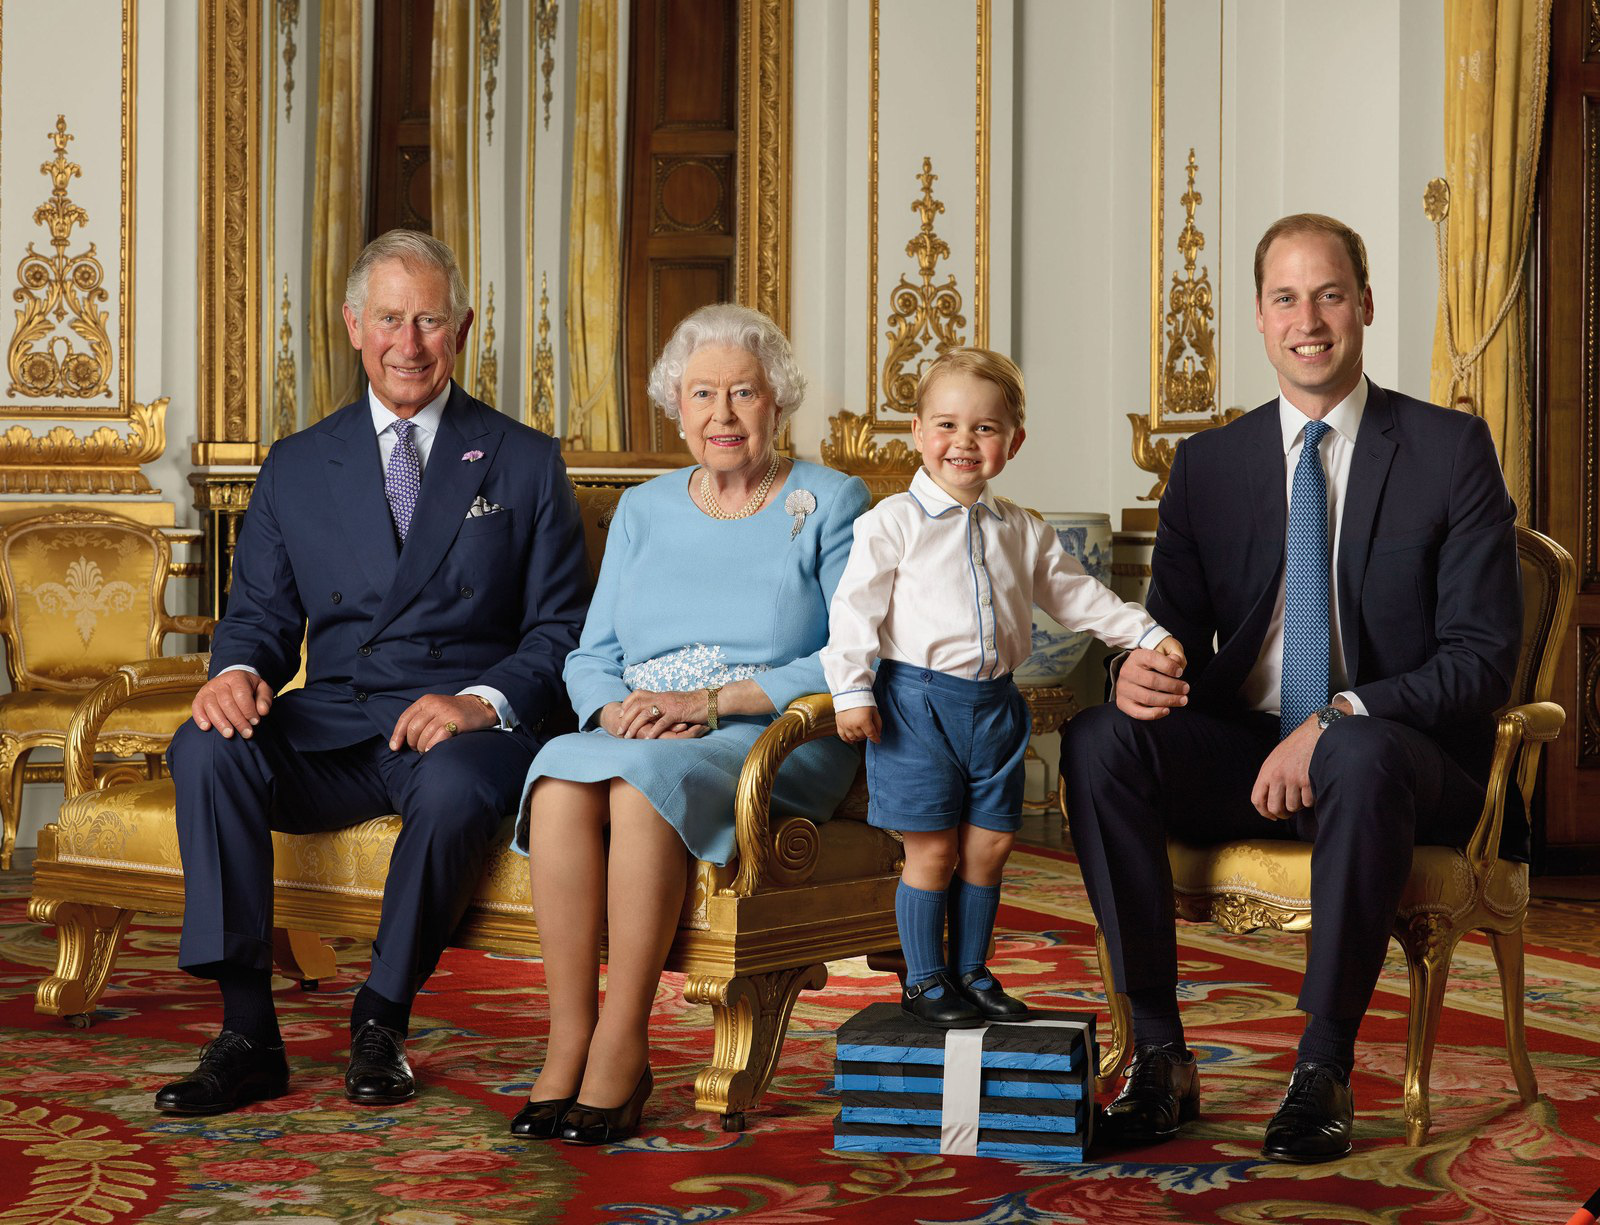 Hoàng tử Geogre ngày càng ra dáng, diện đi diện lại 1 kiểu áo mà khí chất thăng hạng vù vù - Ảnh 6.